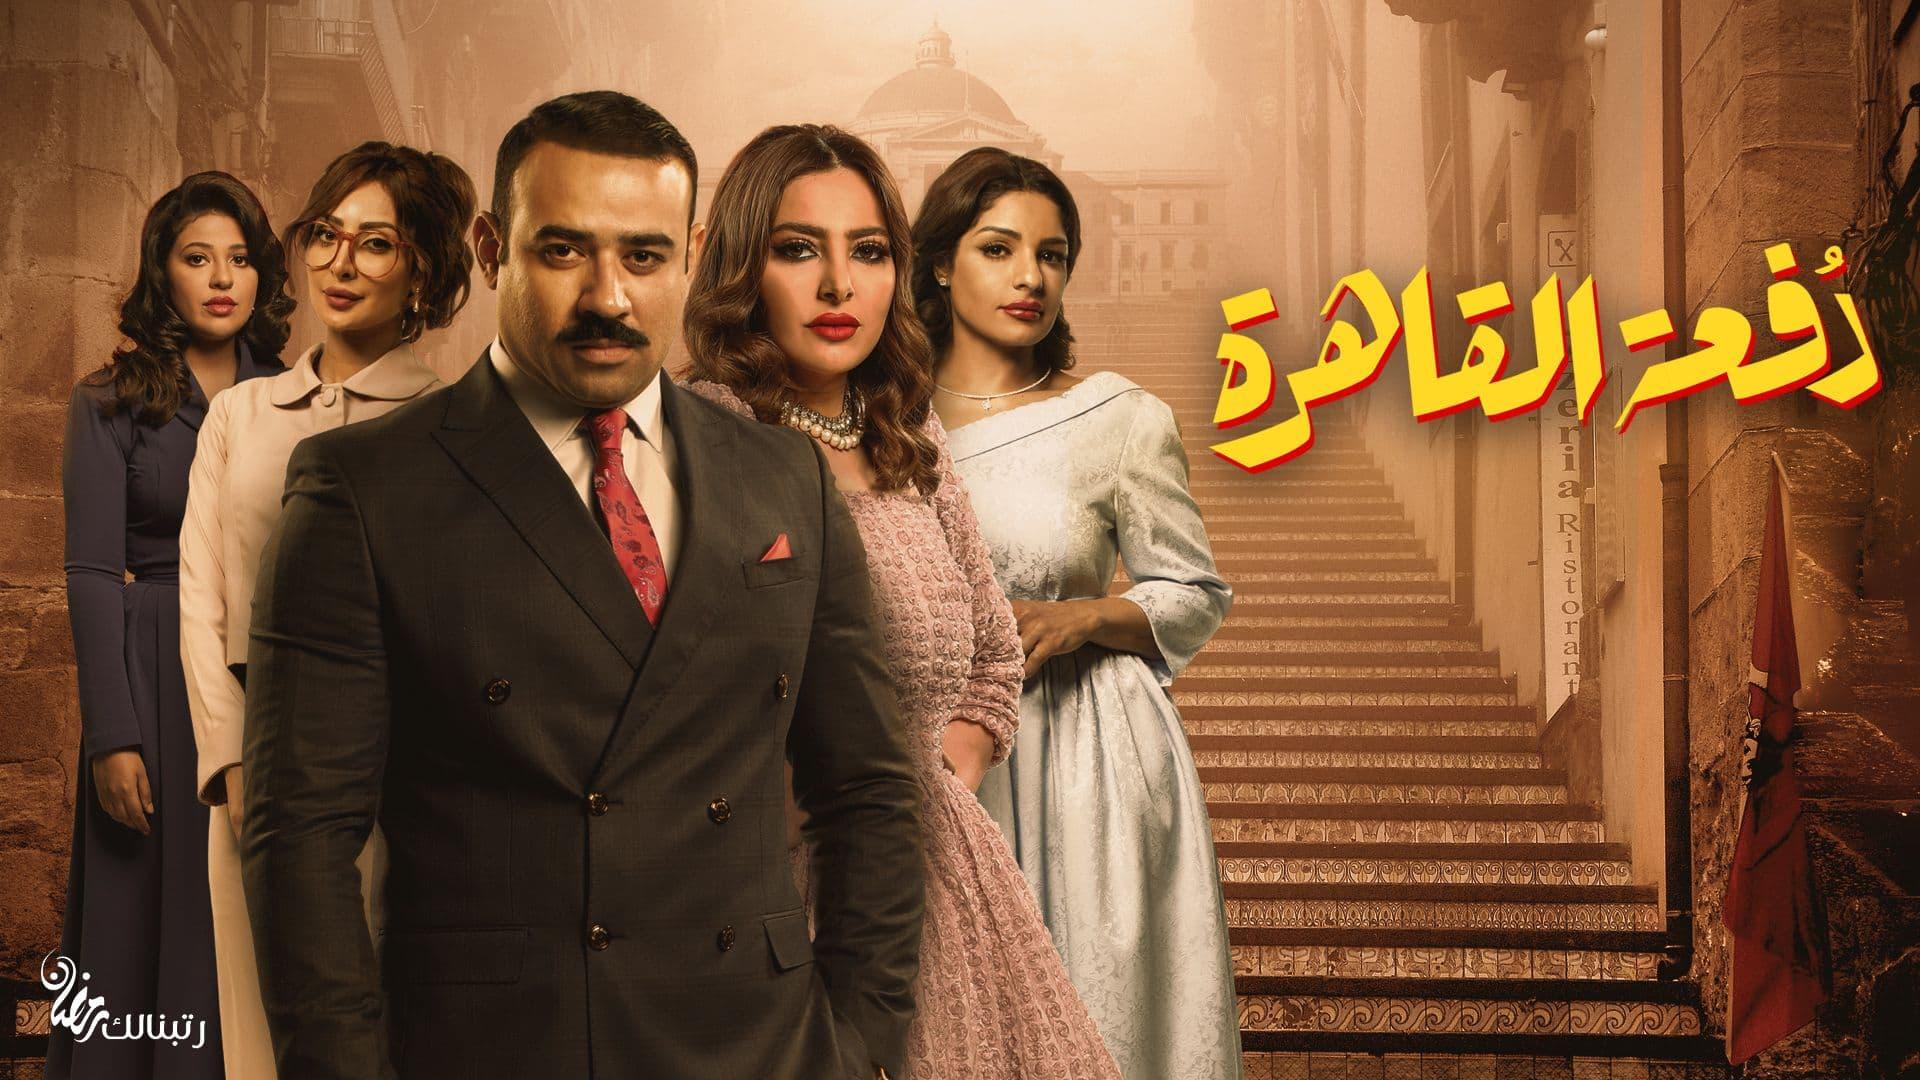 قائمة مسلسلات قناة روتانا خليجية رمضان 2019 مشاهير